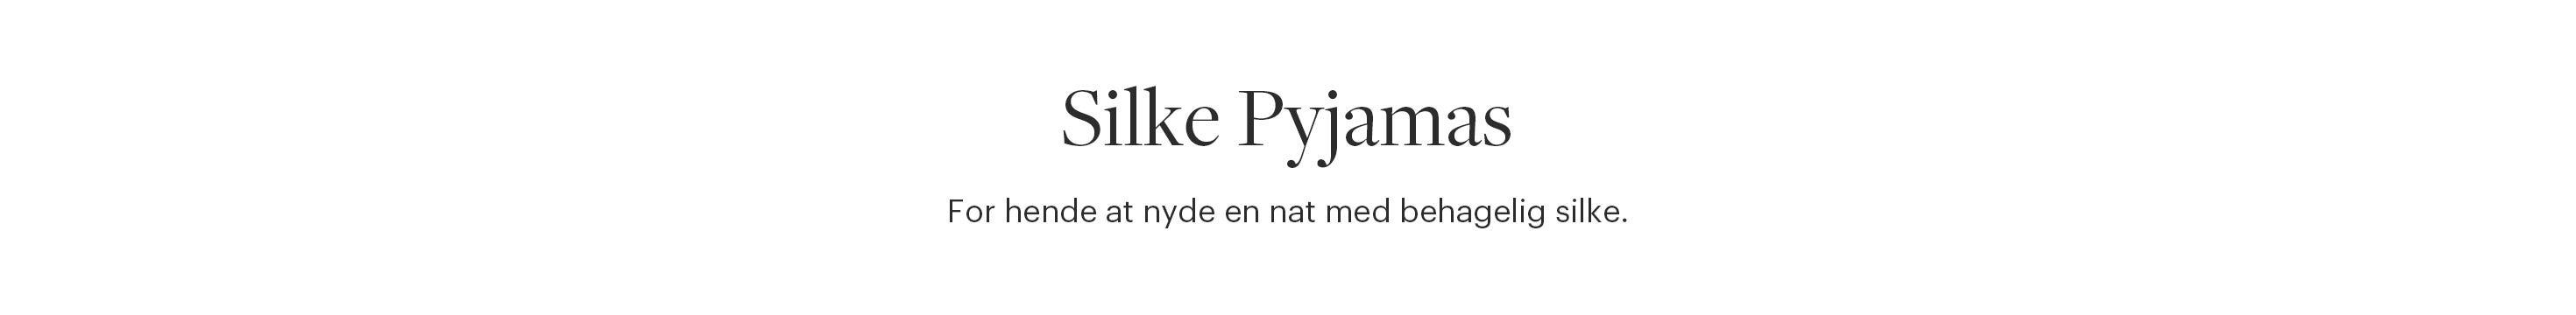 Silke Pyjamas Dame